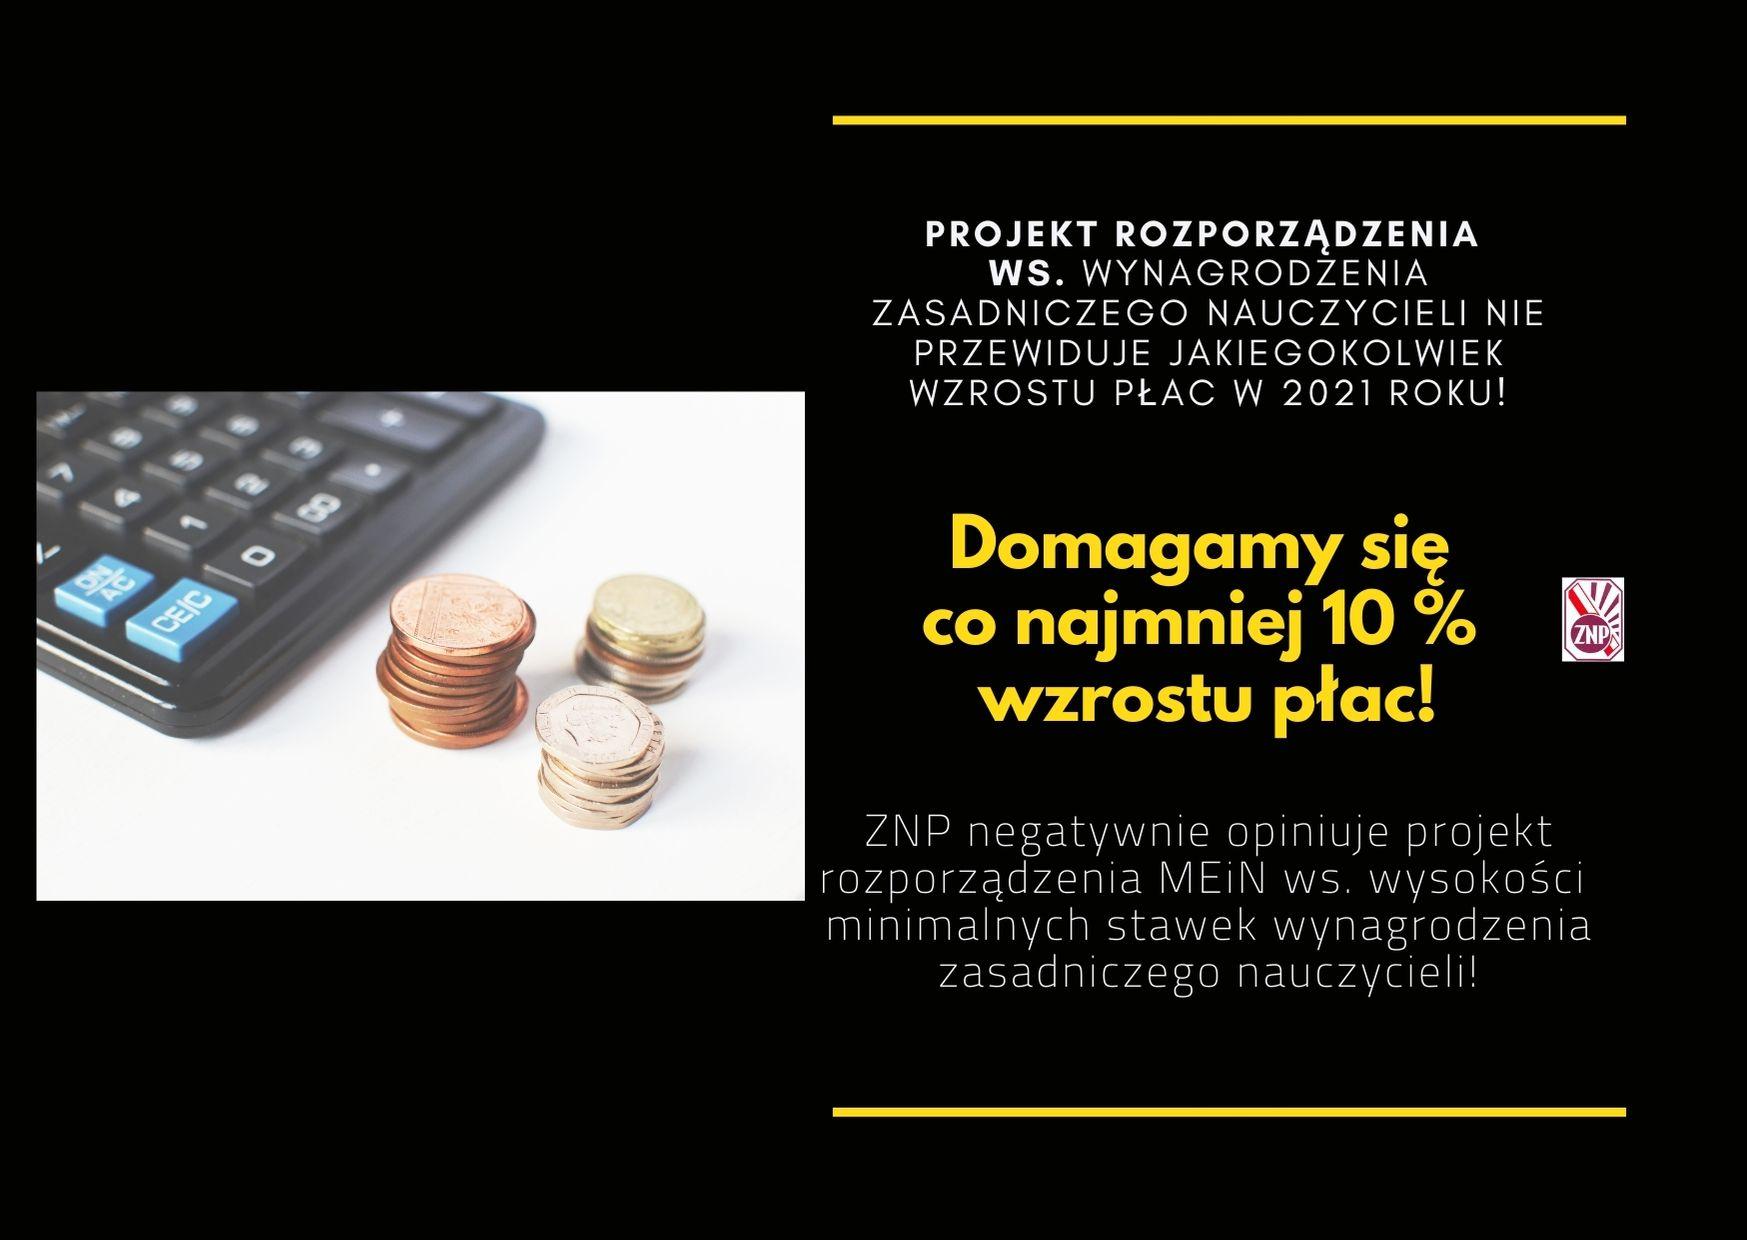 ZNP negatywnie opiniuje projekt rozporządzenia ws. wynagrodzenia zasadniczego